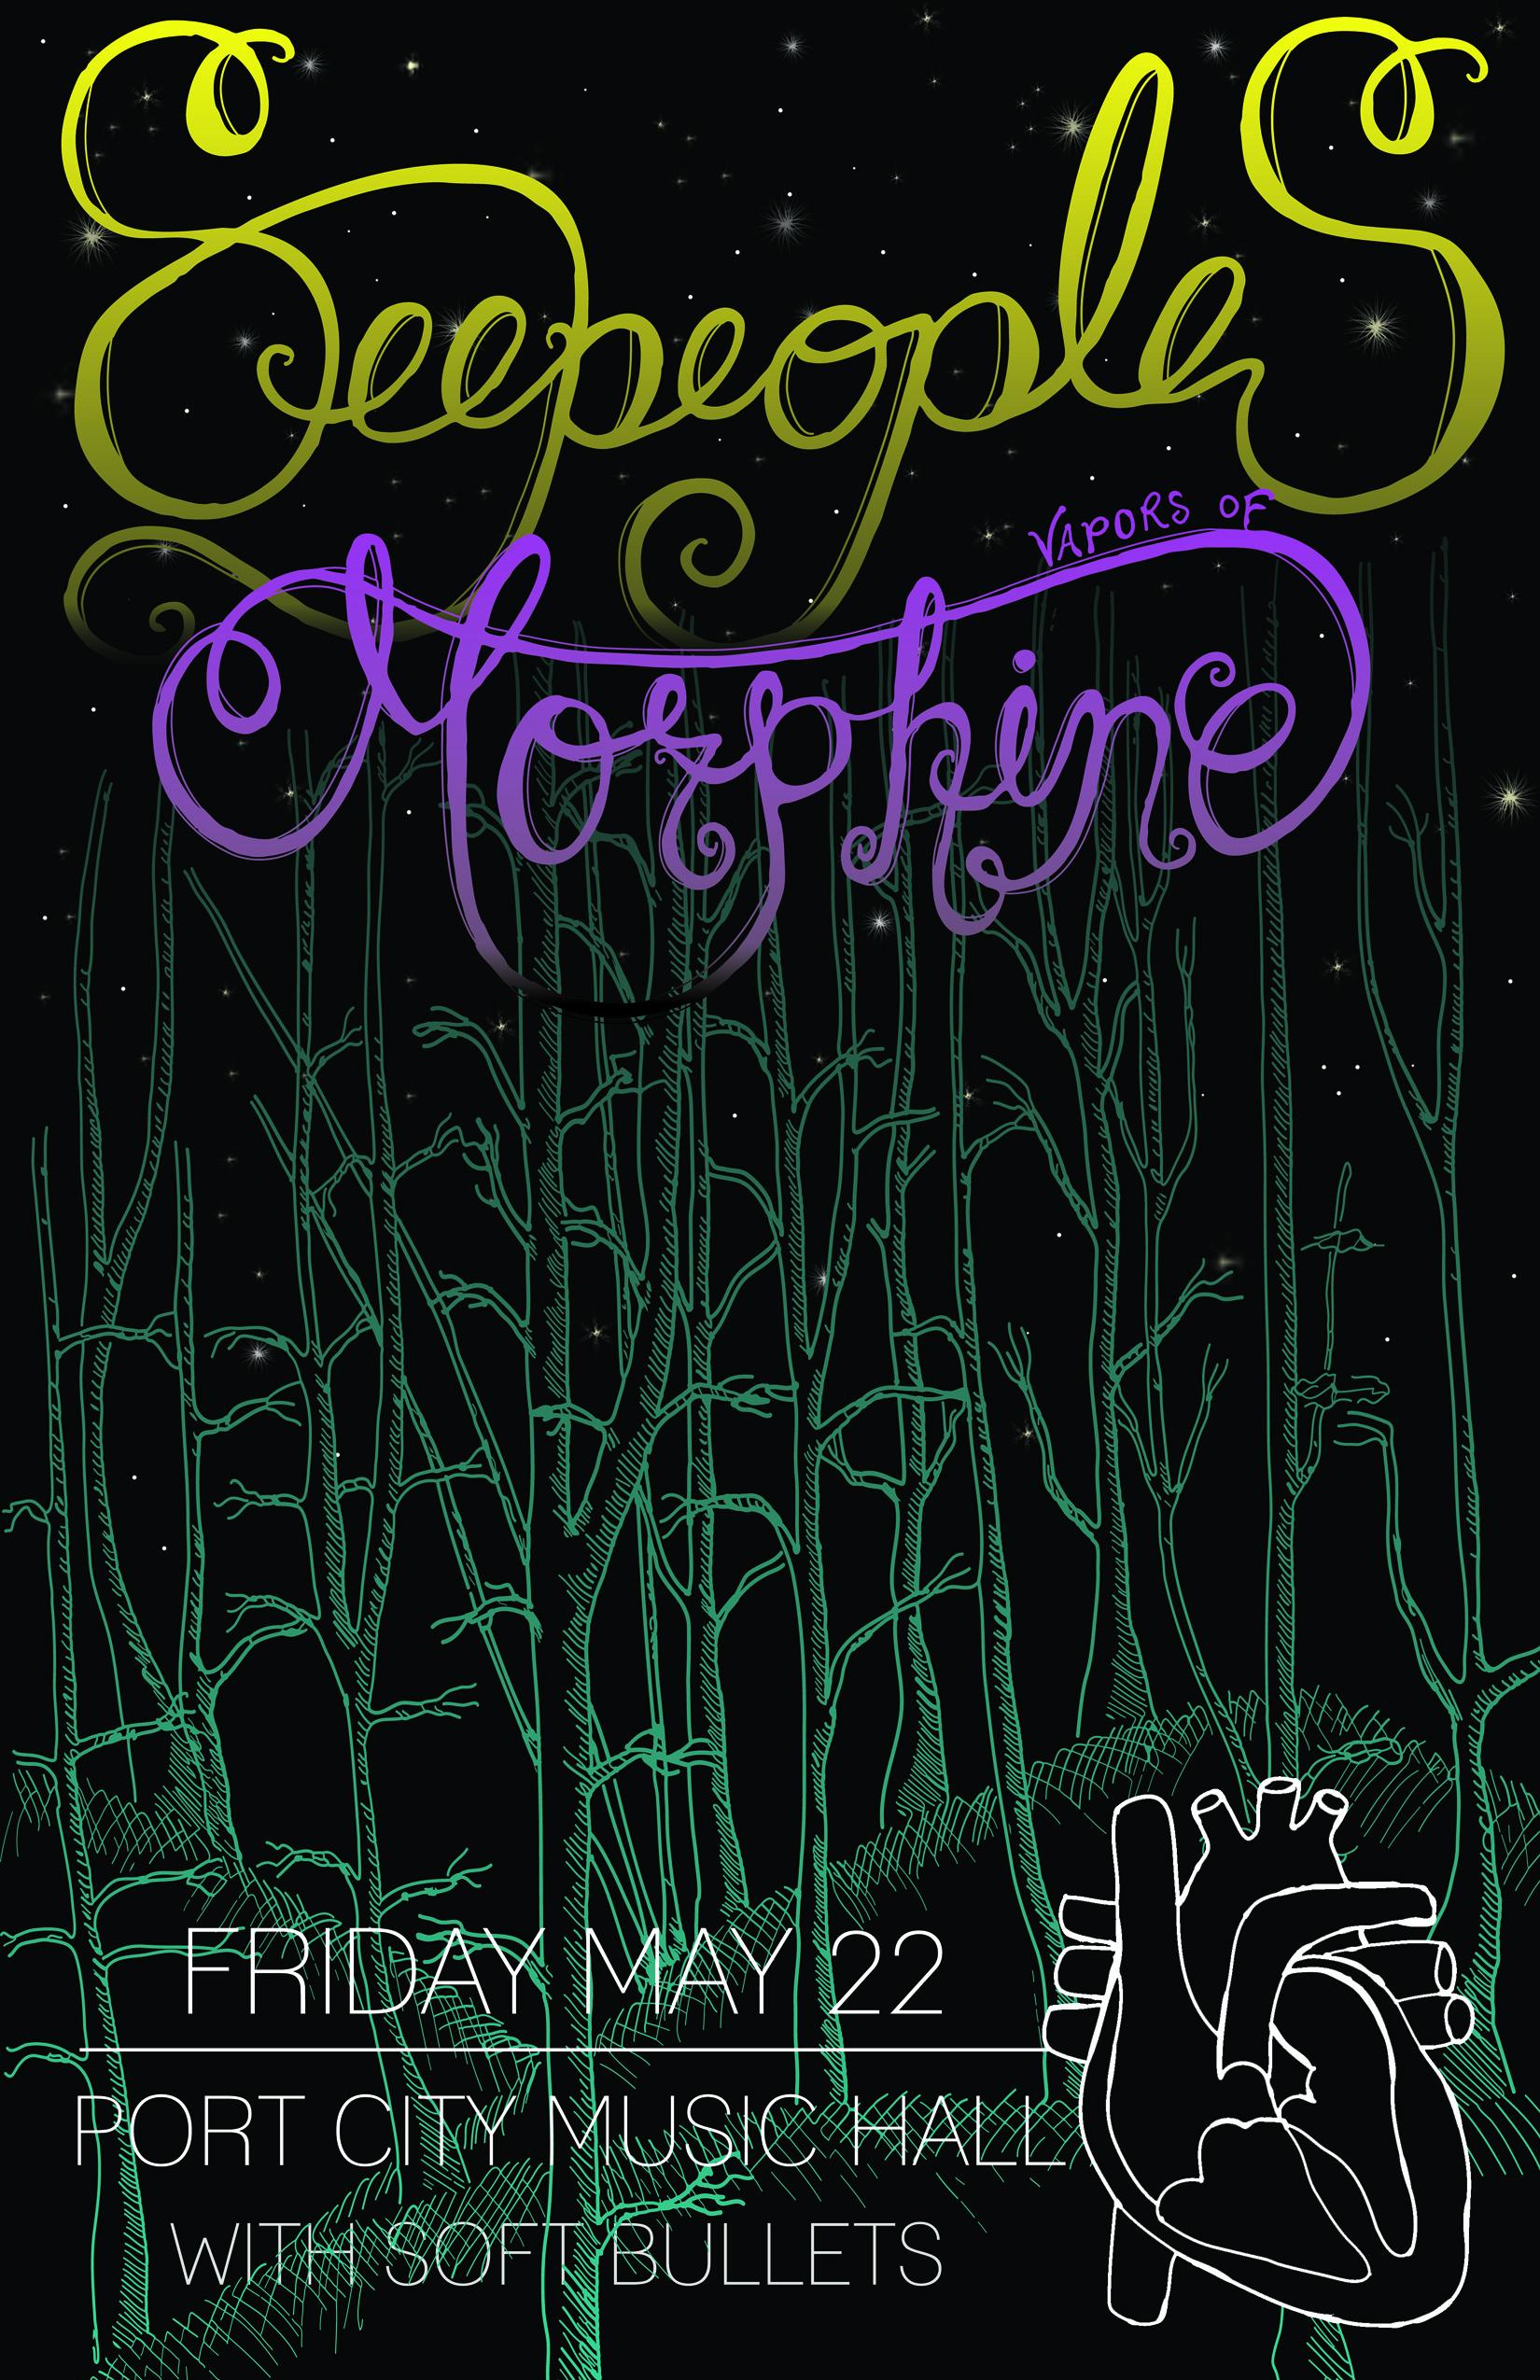 SEEPEOPLES MORPHINE NIGHT WOODS.jpg